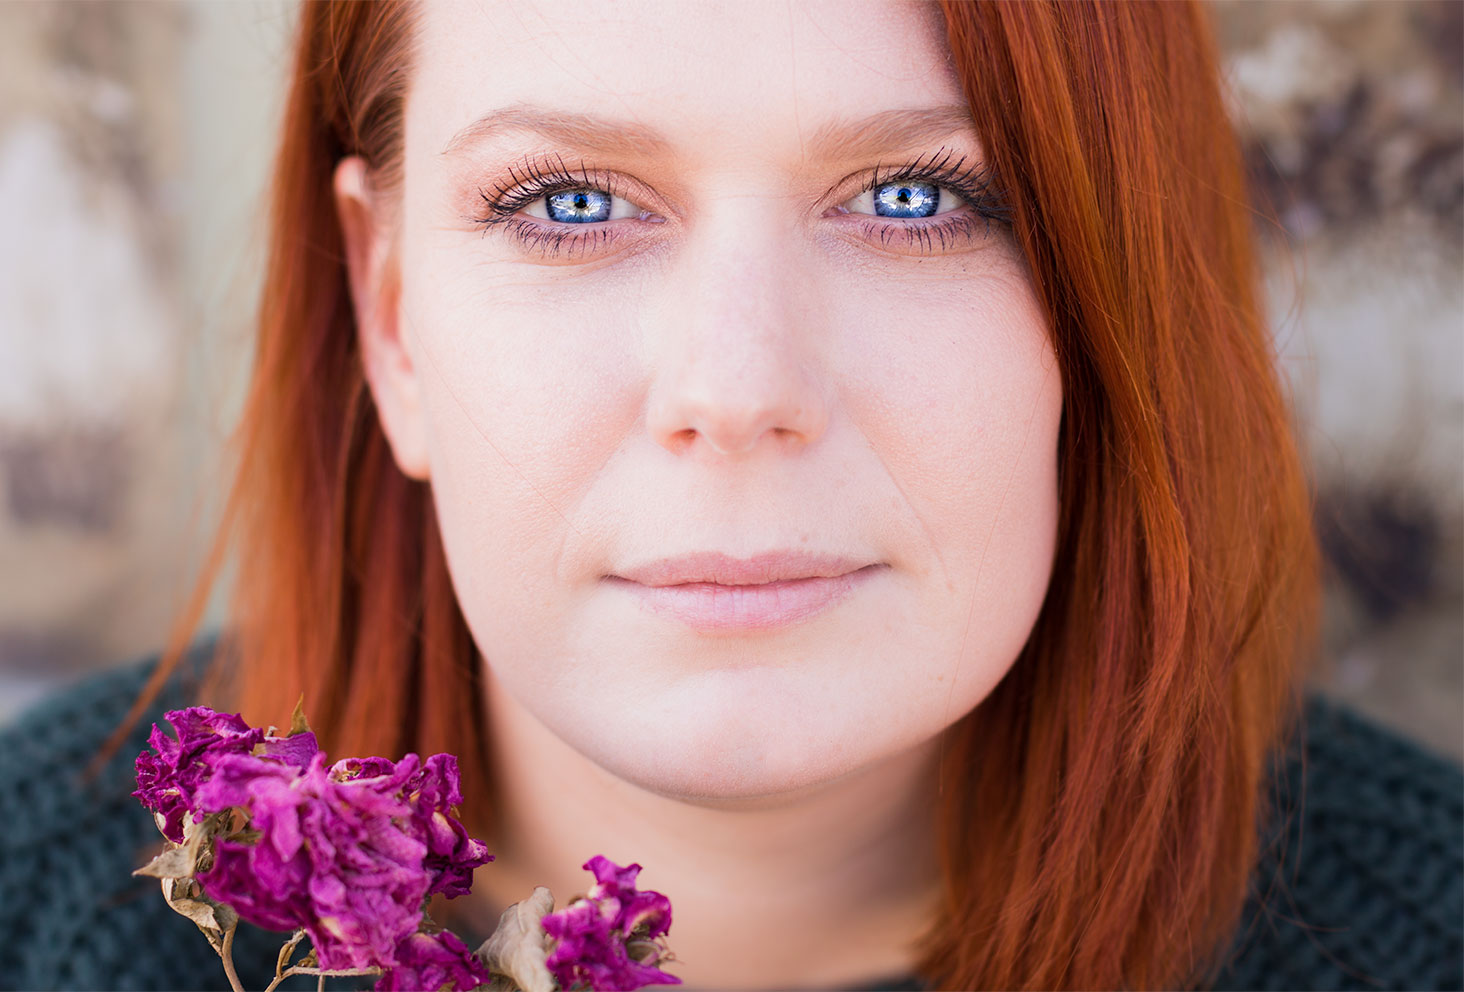 Résultat make-up réalisé avec la palette Soft Glam d'Anastasia Beverly Hills, yeux bleus et cheveux roux